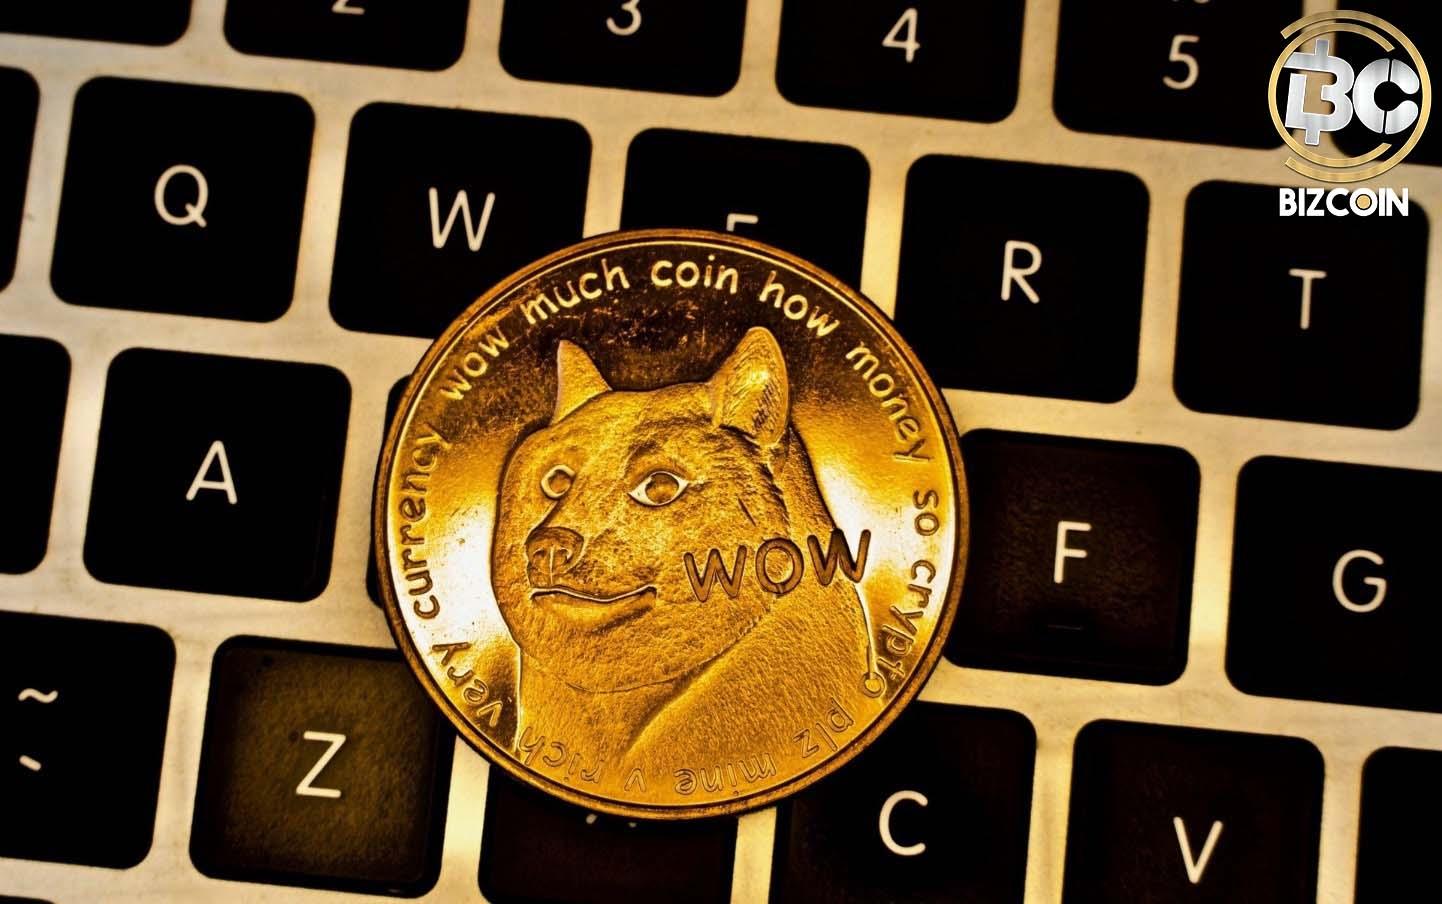 buy dogecoin 2 خرید دوج کوین   فروش دوج کوین   راهنمای کامل سرمایه گذاری در دوج کوین